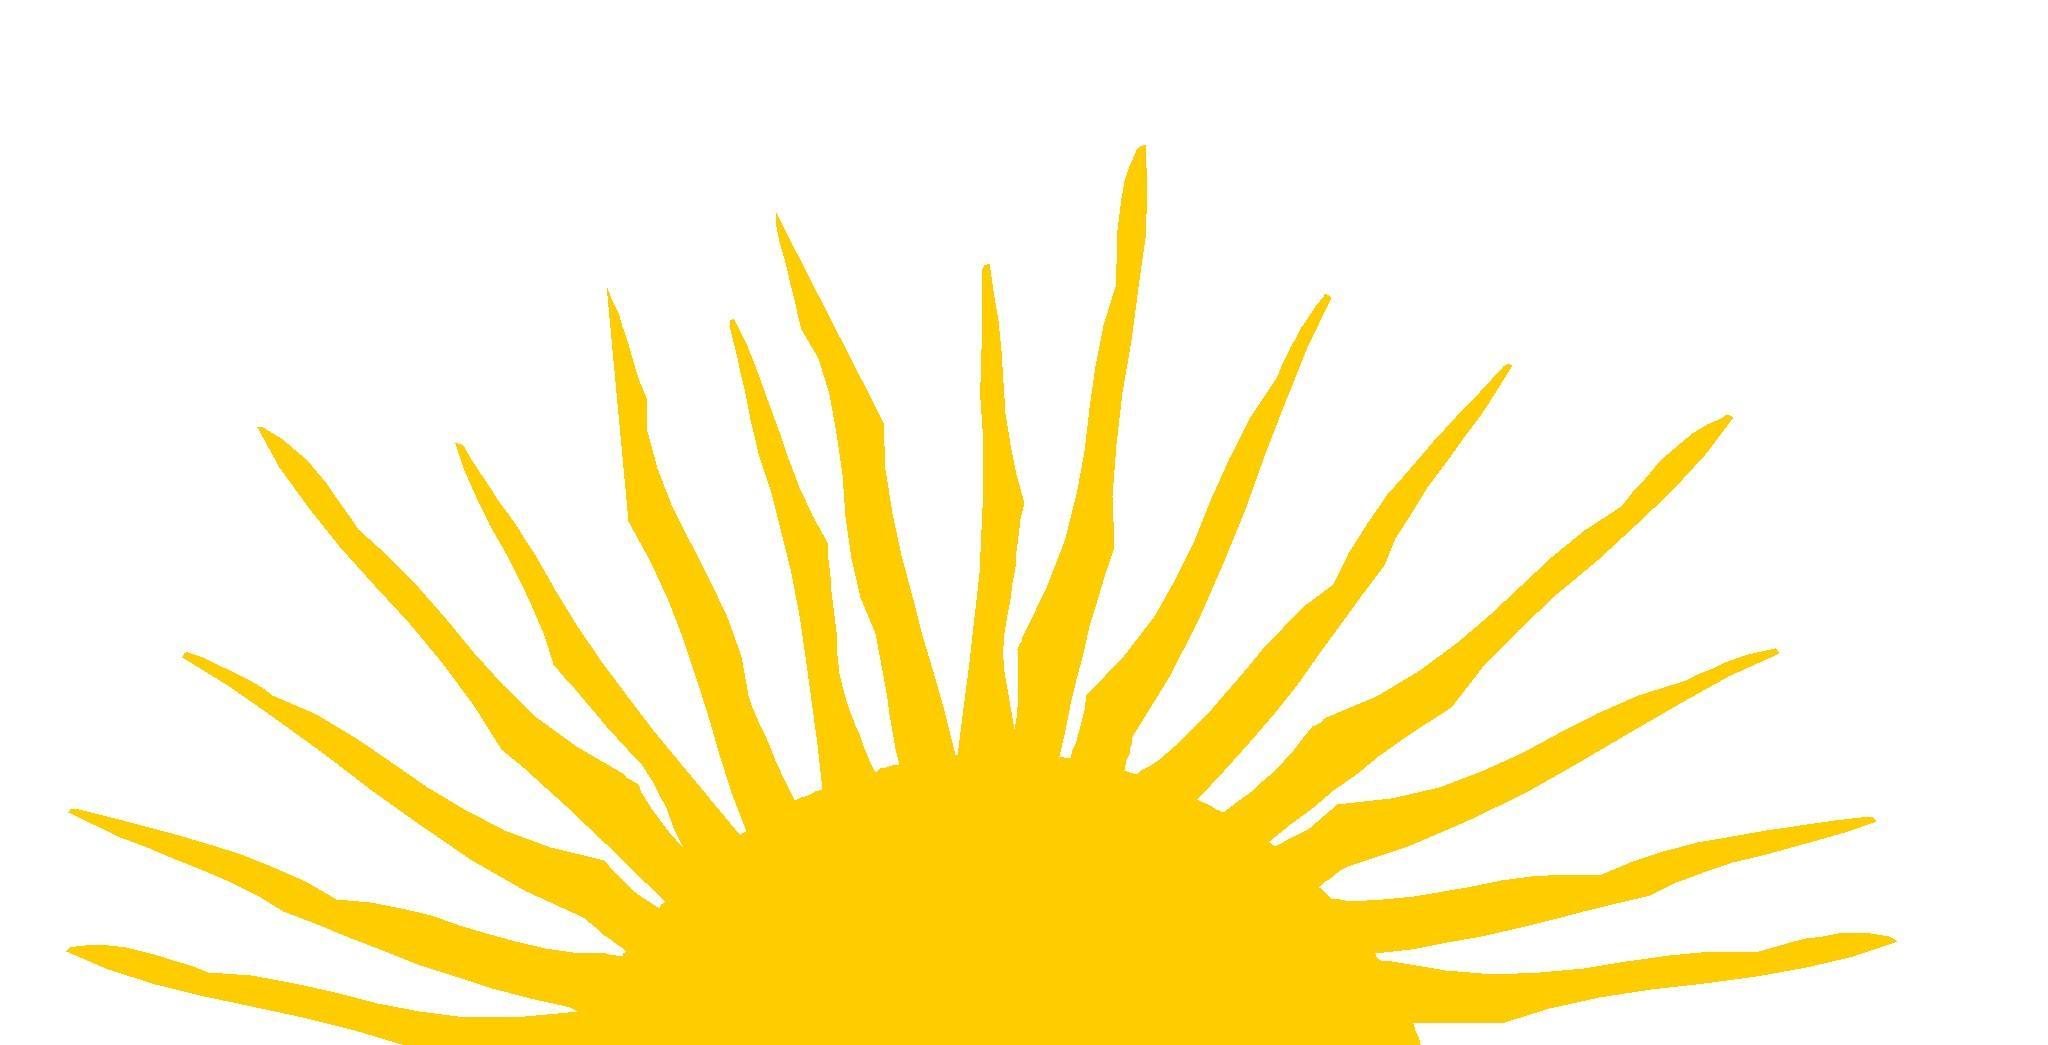 Half Sun With Rays Clipart (17+).